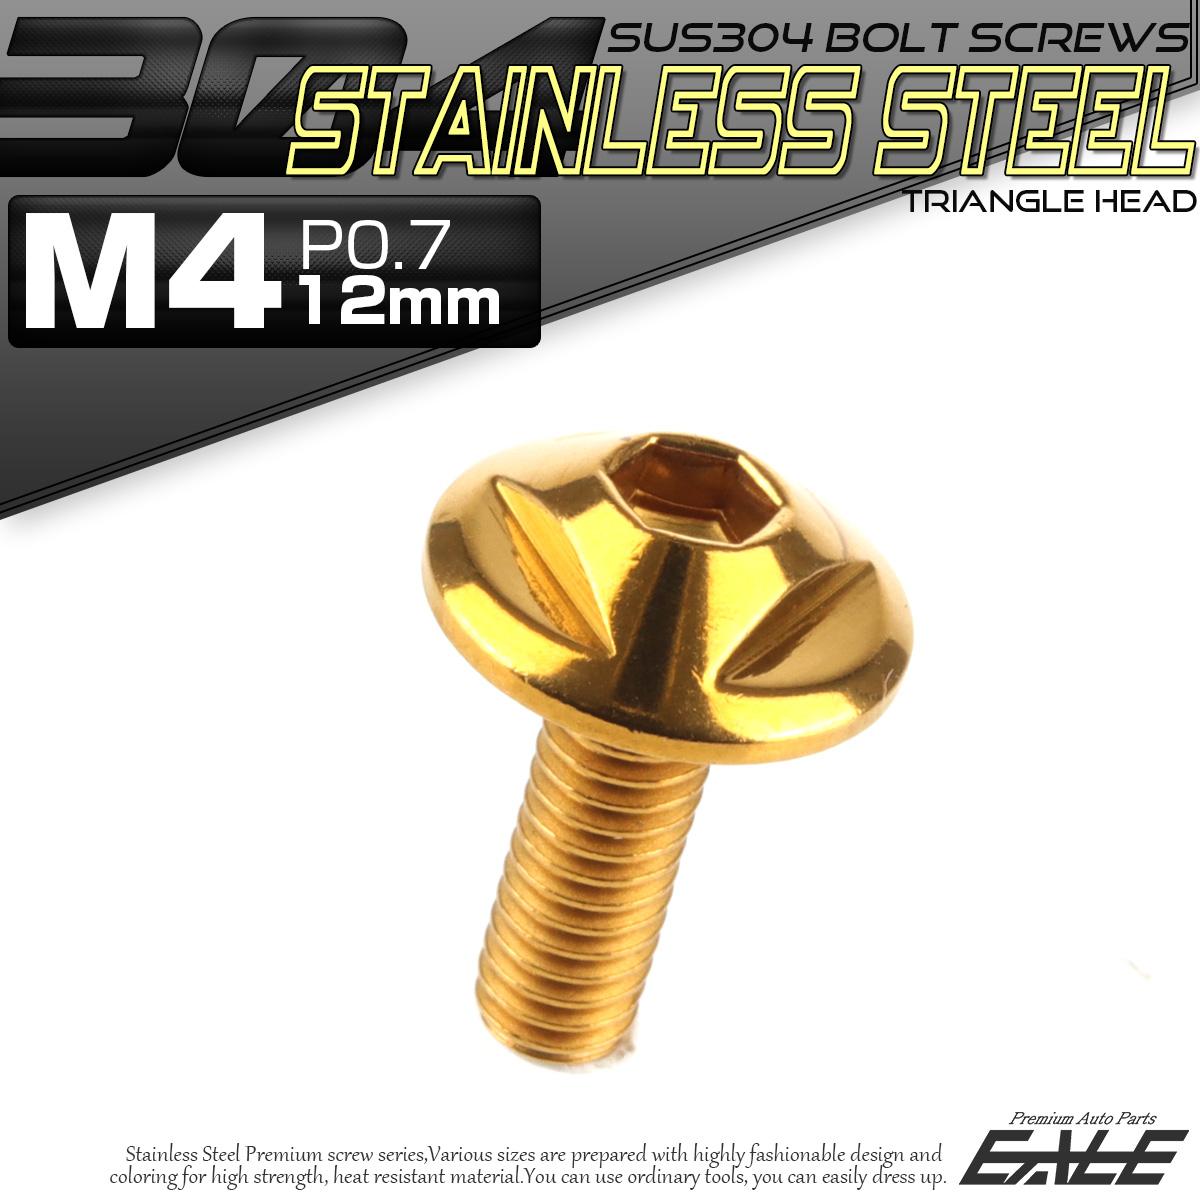 SUS304 フランジ付 ボタンボルト M4×12mm P0.7 六角穴  ゴールド トライアングルヘッド ステンレス製  TR0141